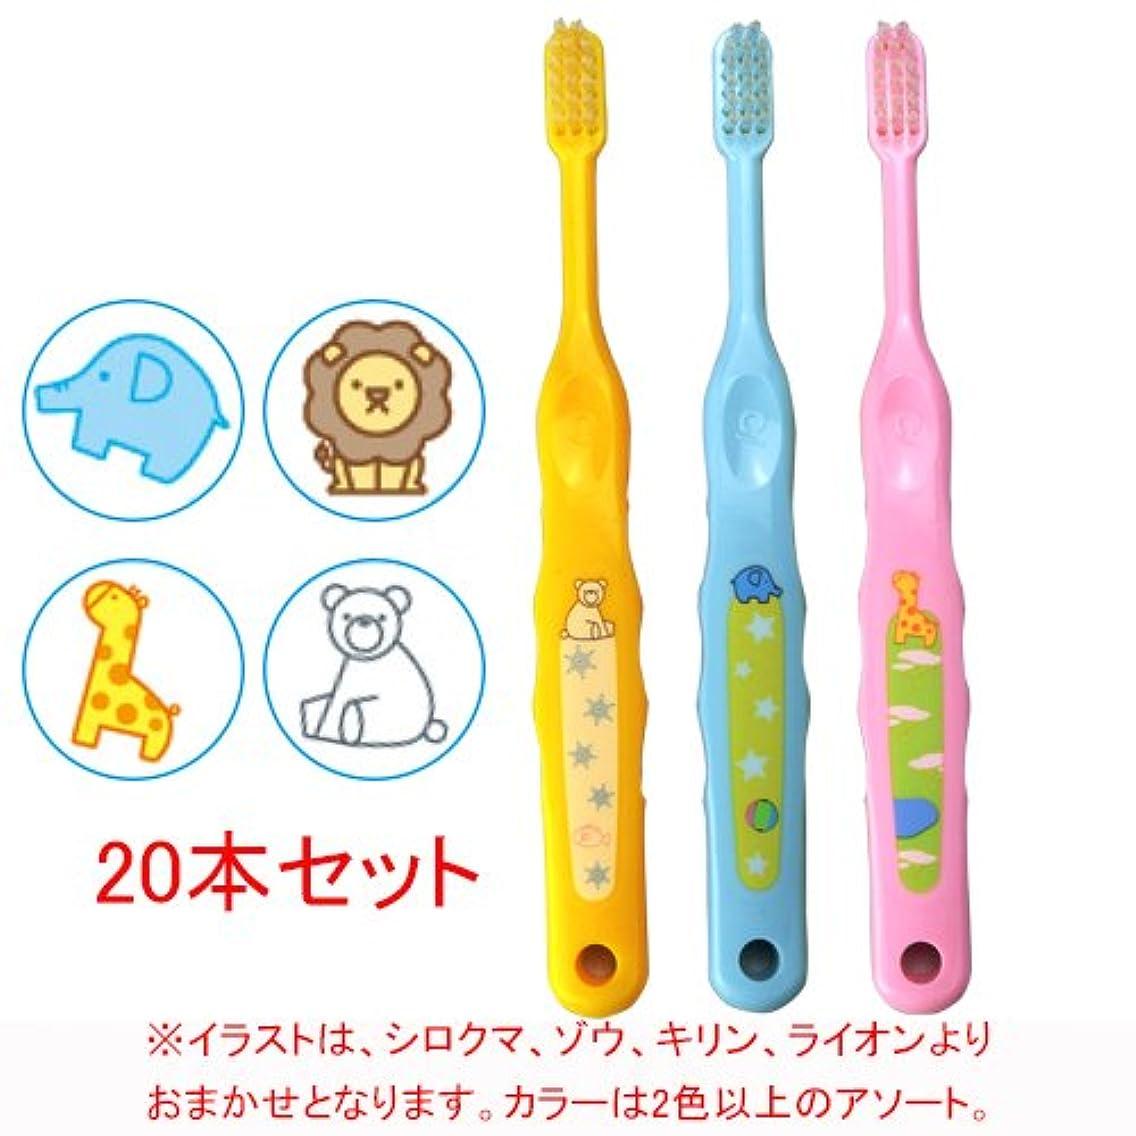 扇動する提案演劇Ciメディカル Ci なまえ歯ブラシ 503 (やわらかめ) (乳児~小学生向)×20本